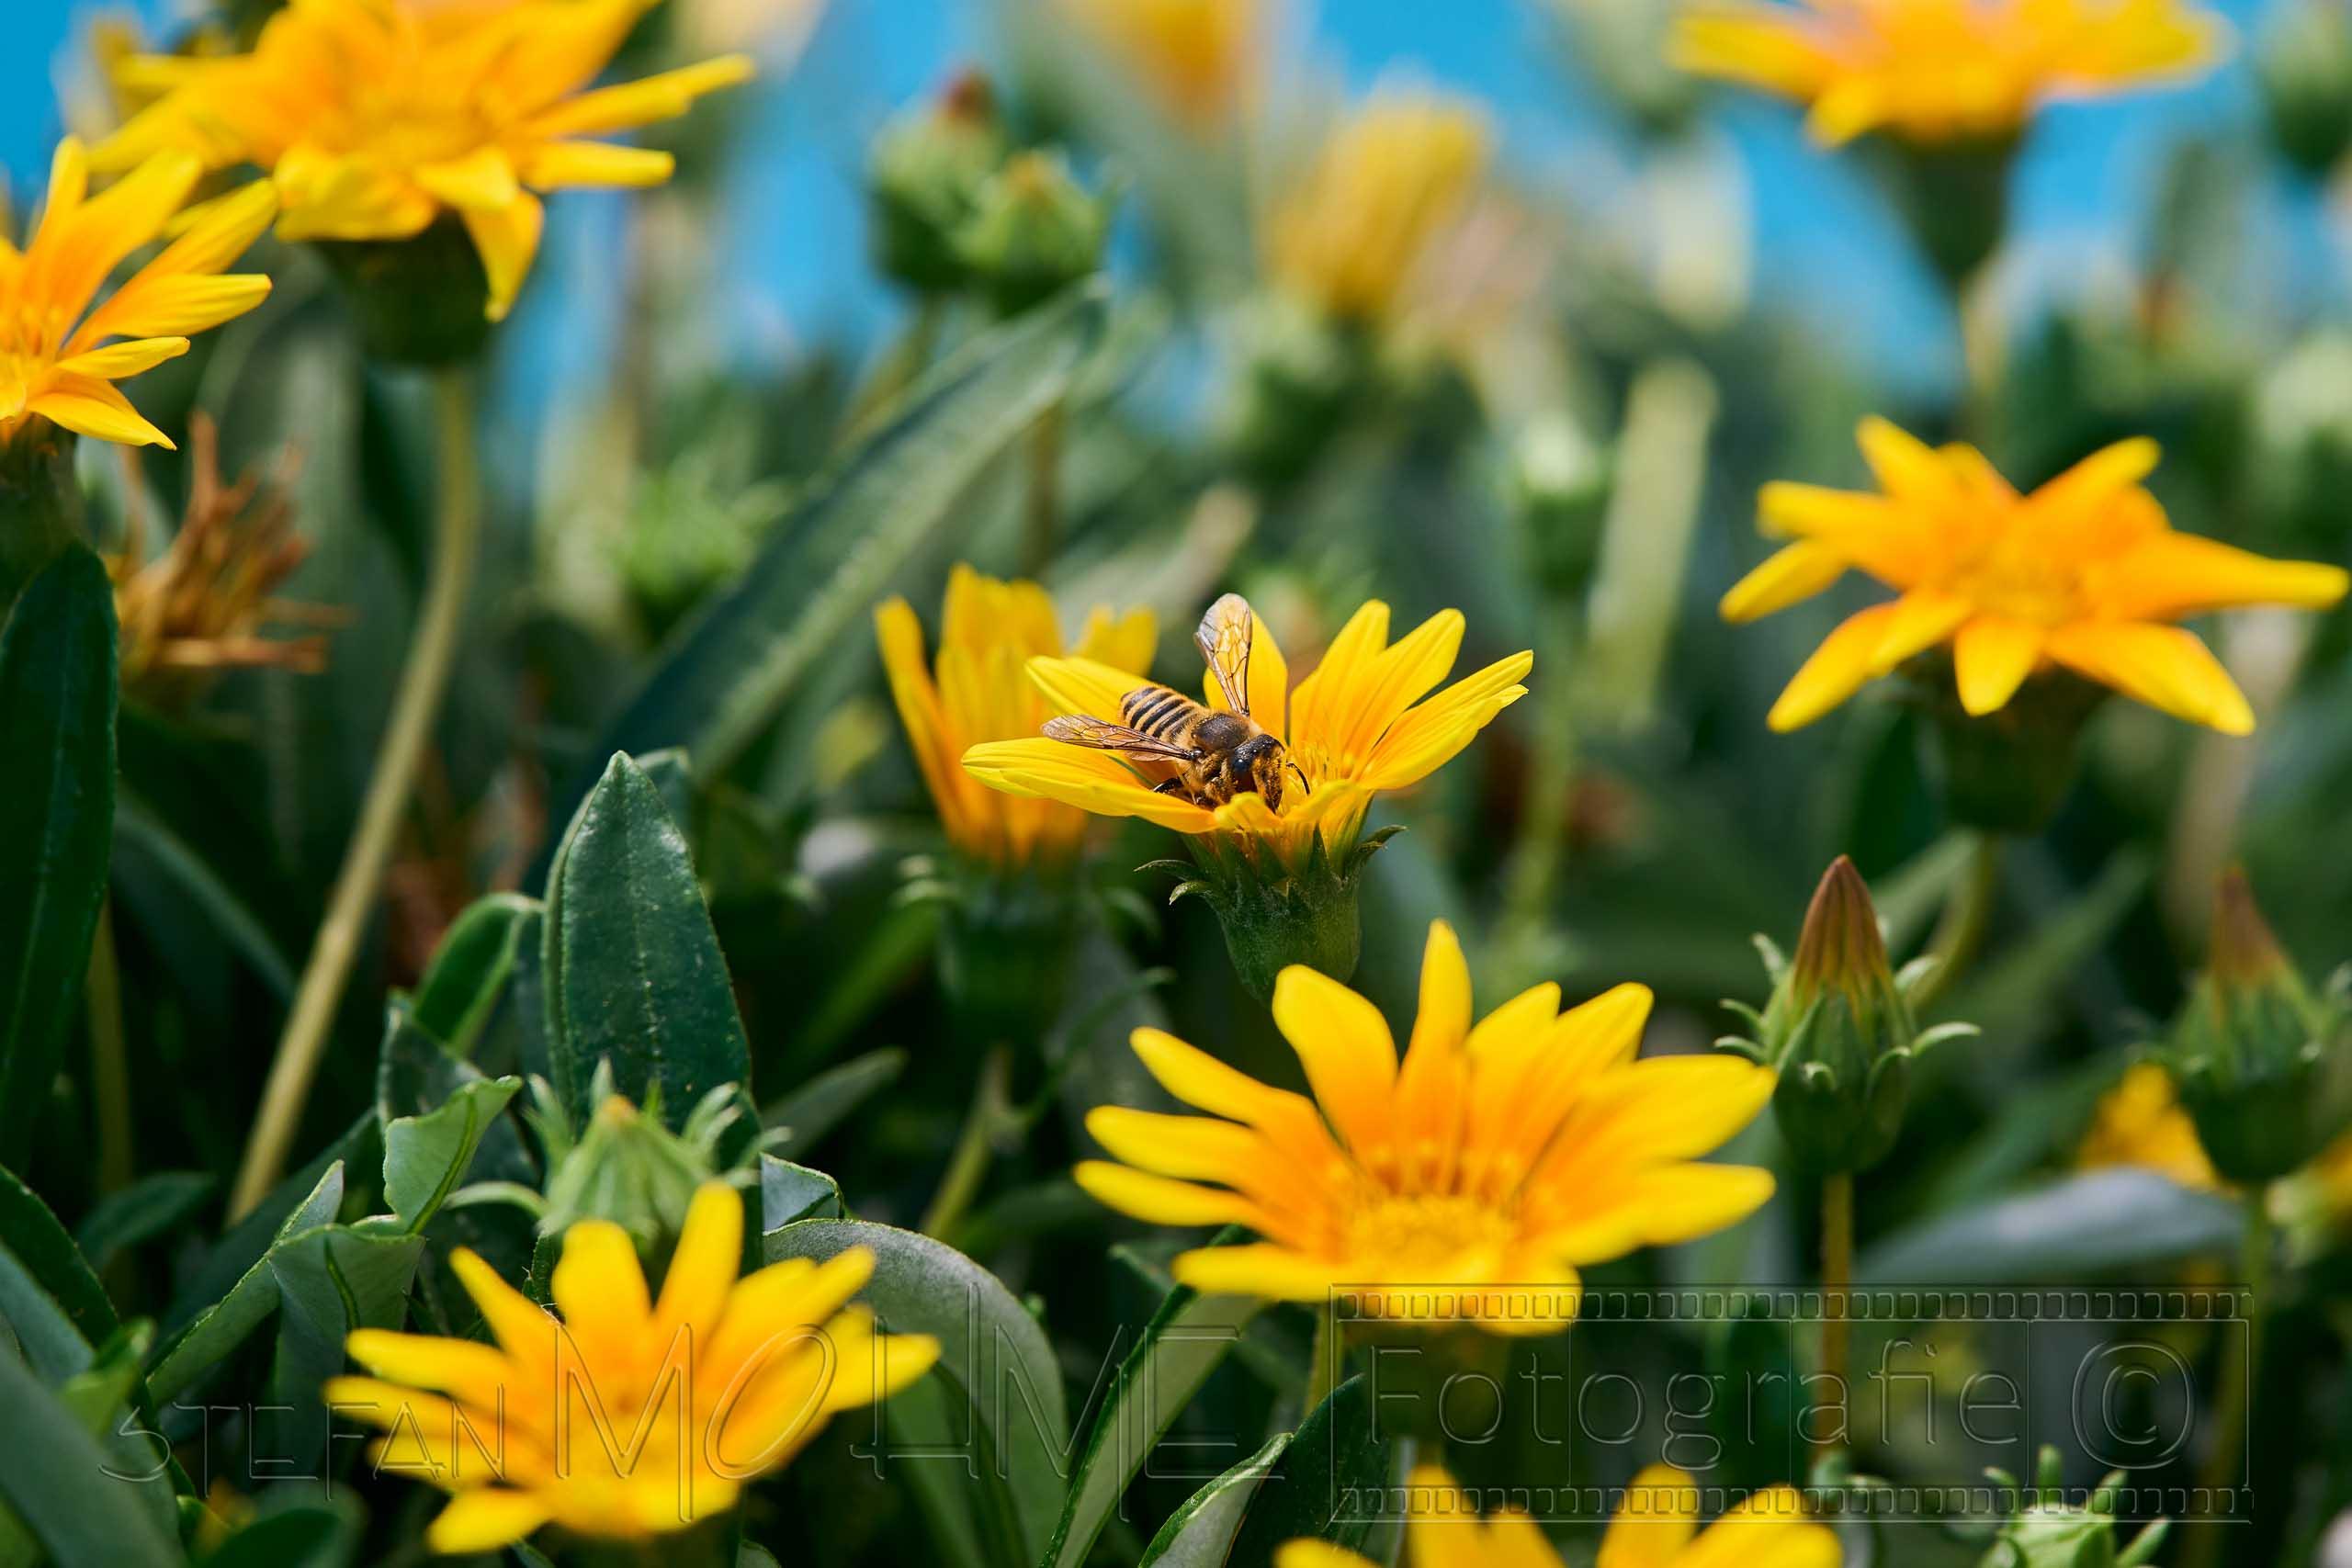 Nahaufnahme, Blüten ,gelb, Biene